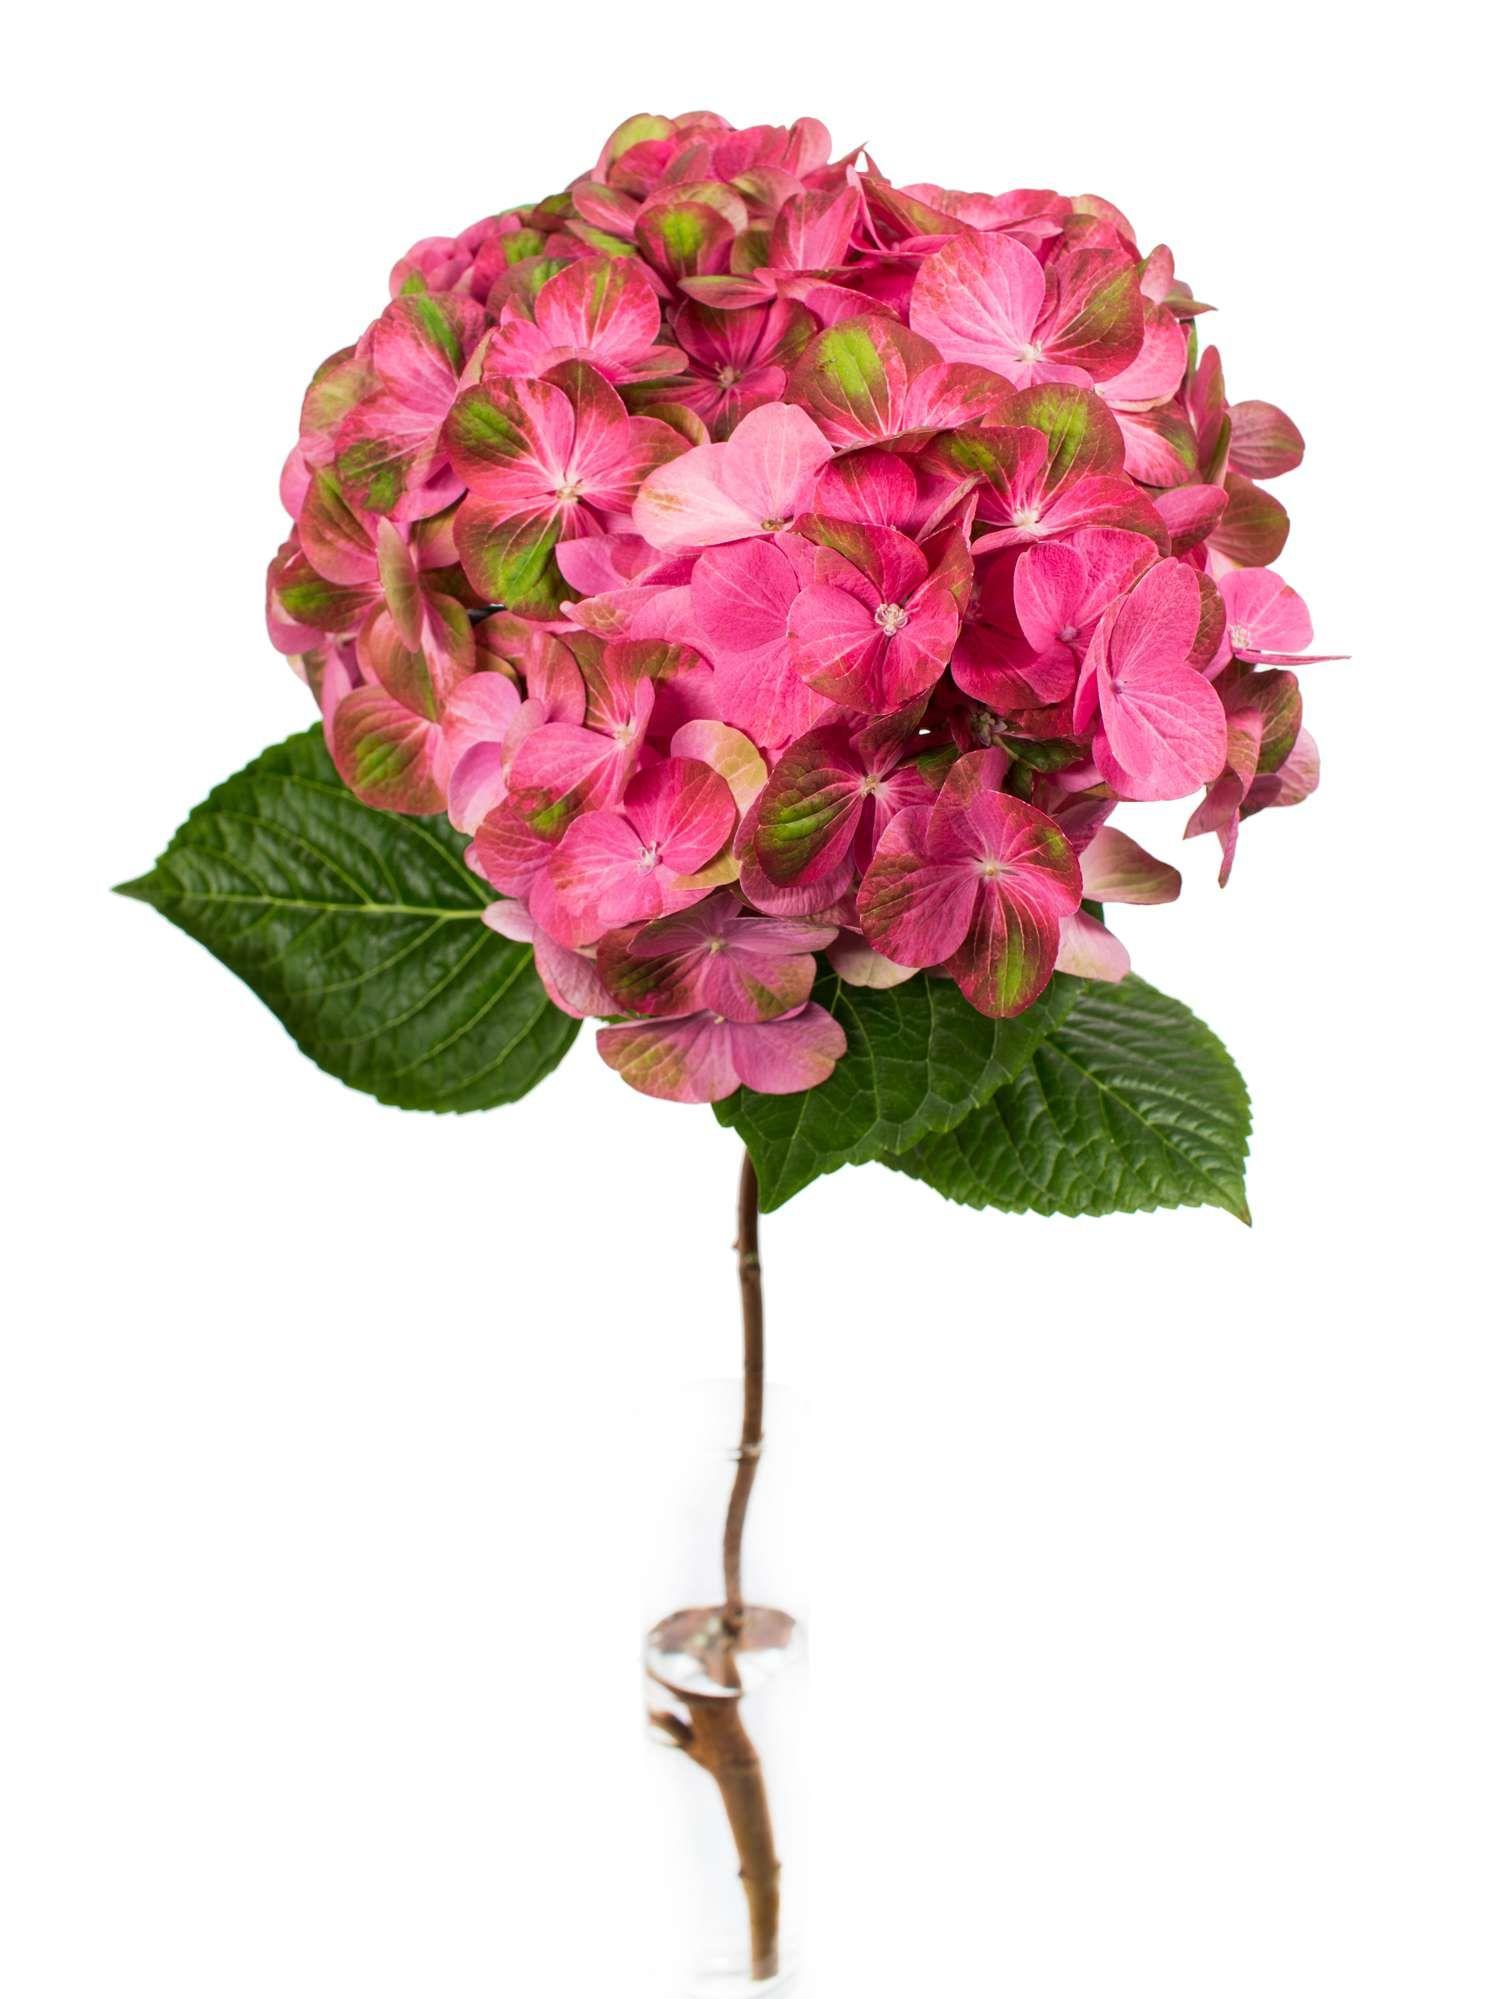 hortensie greenfire pink gr n hortensie hochzeitsblumen und hortensien. Black Bedroom Furniture Sets. Home Design Ideas